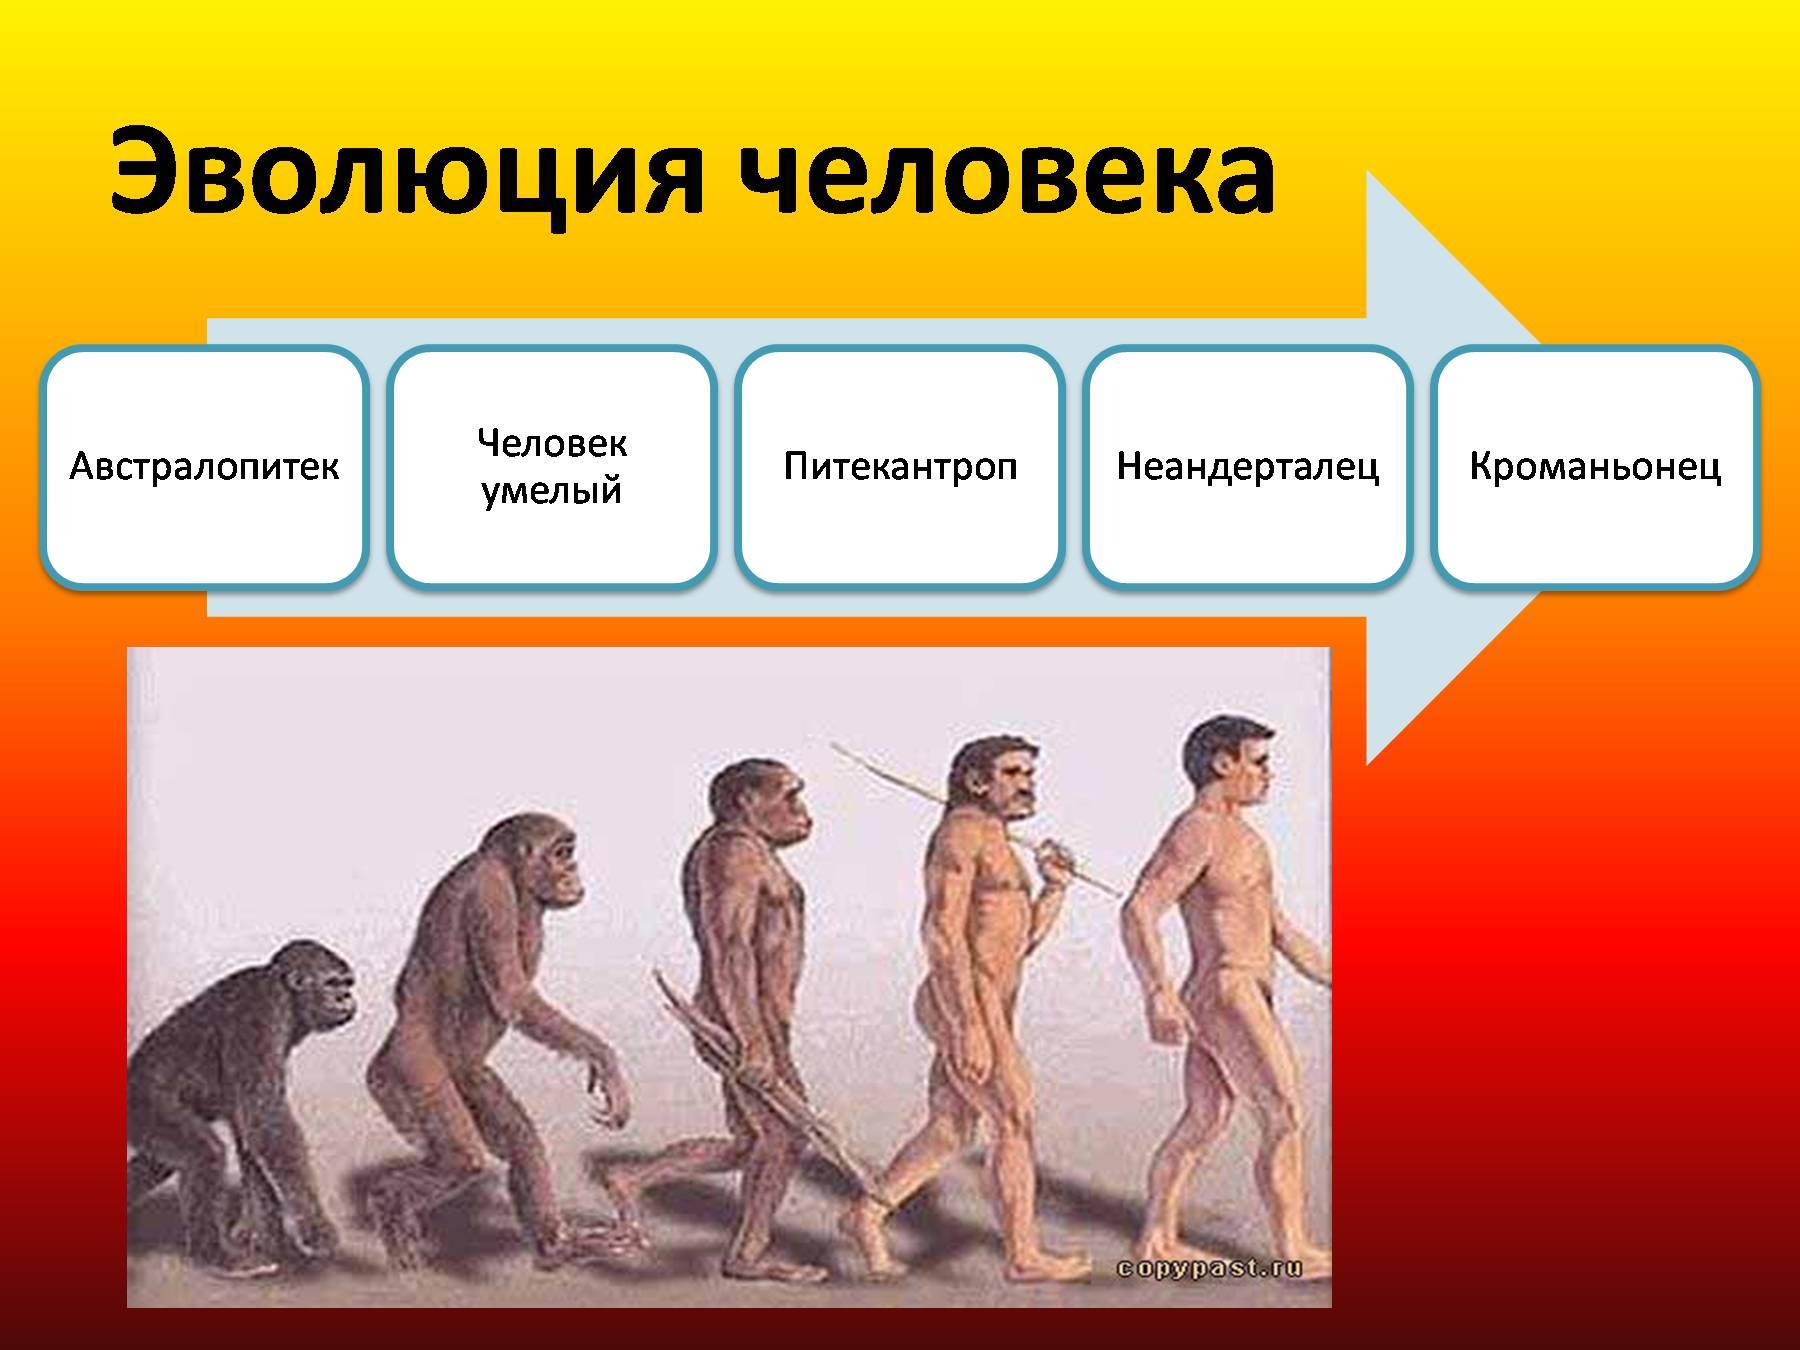 картинки этапов эволюции человека энергию